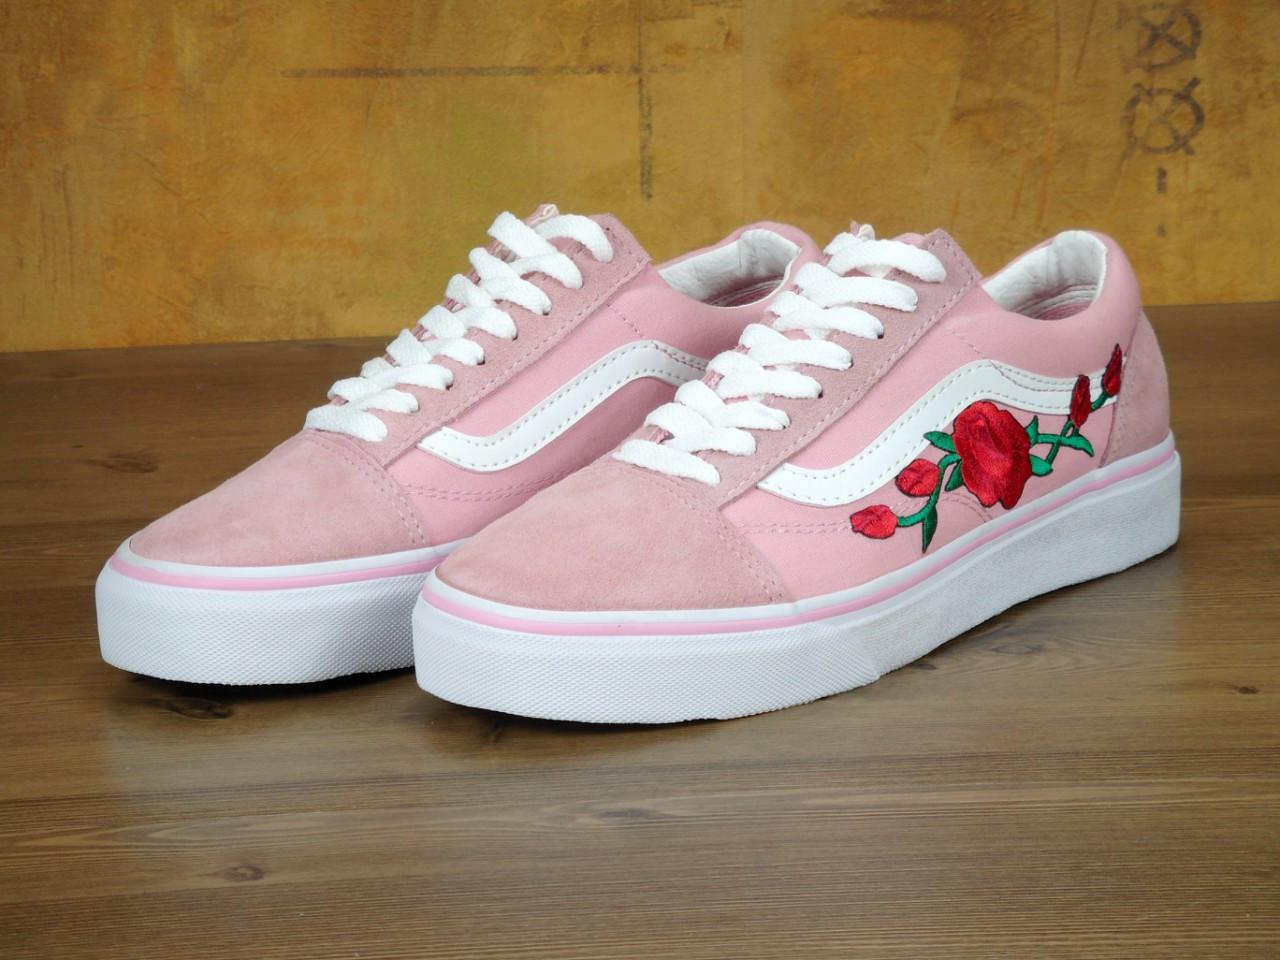 Кеды Vans Old Skool Pink Roses 36-40 рр, цена 999 грн., купить в ... fba90773c97